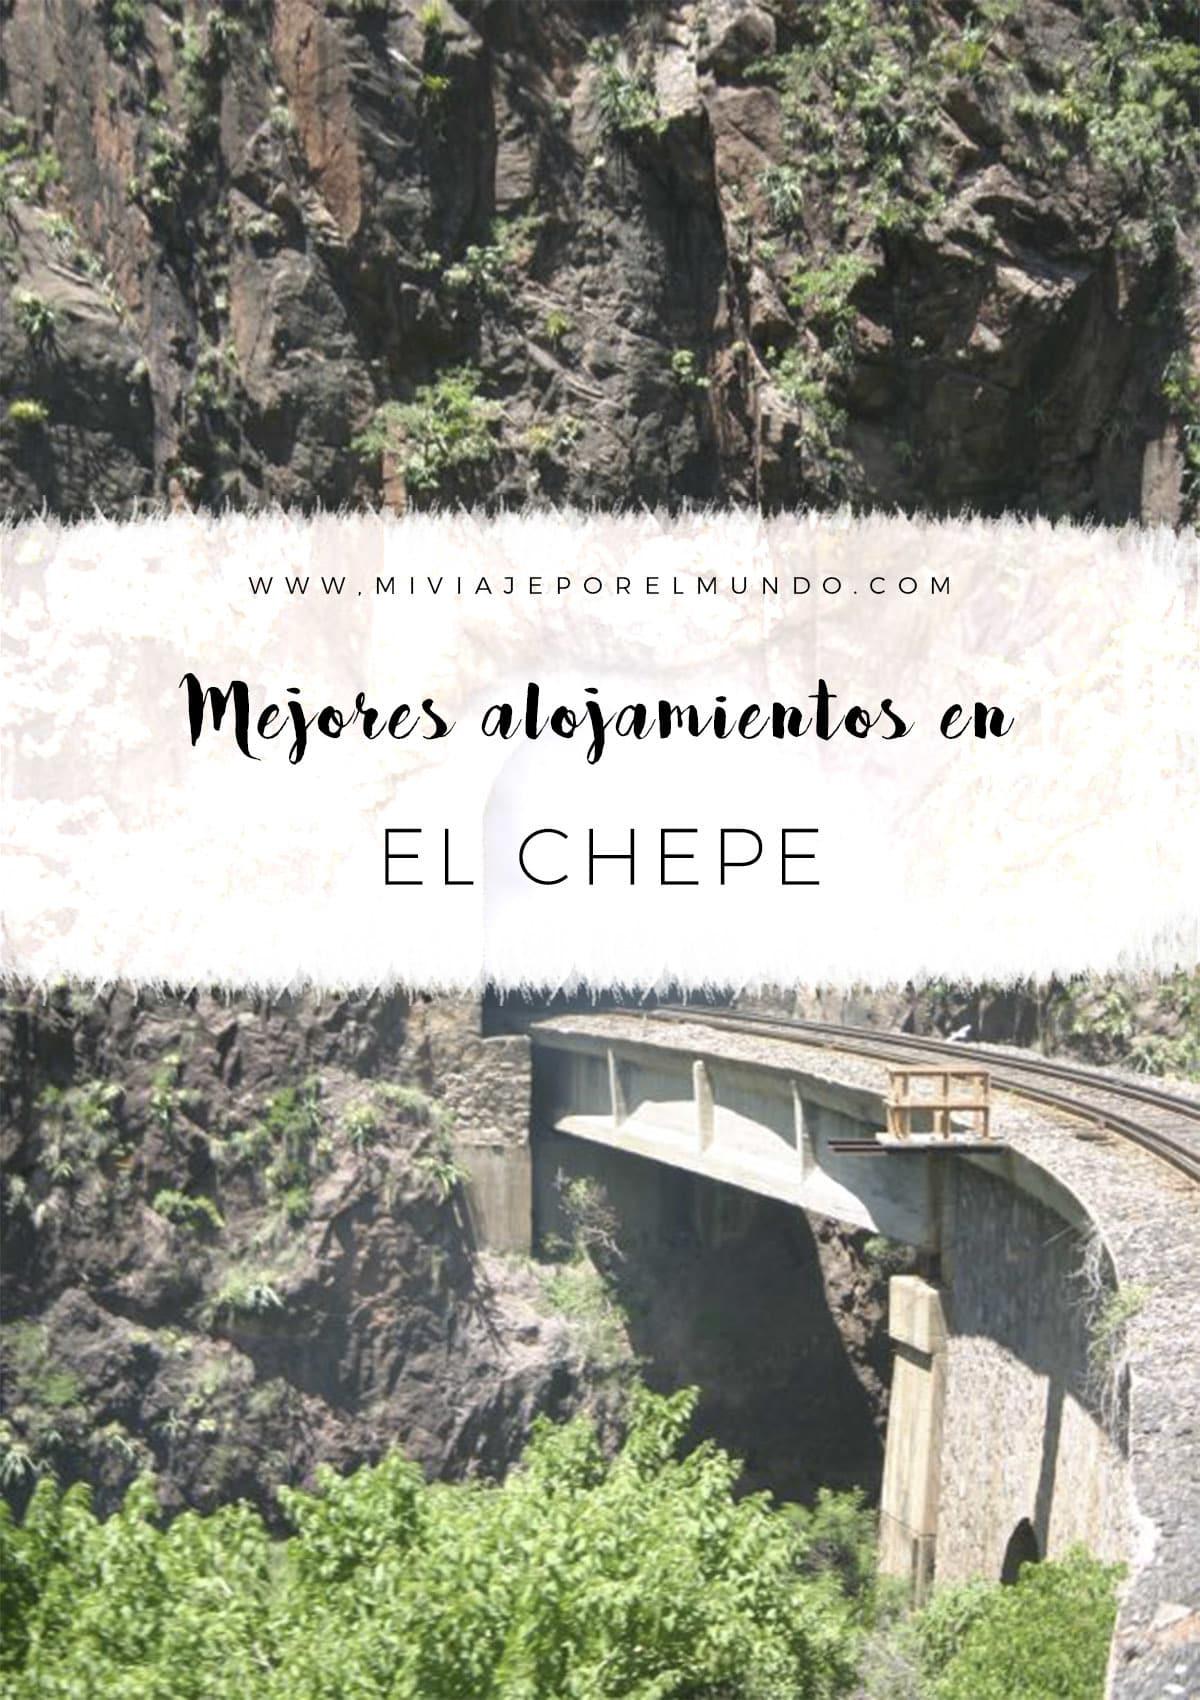 recomendacion-de-hoteles-en-el-chepe